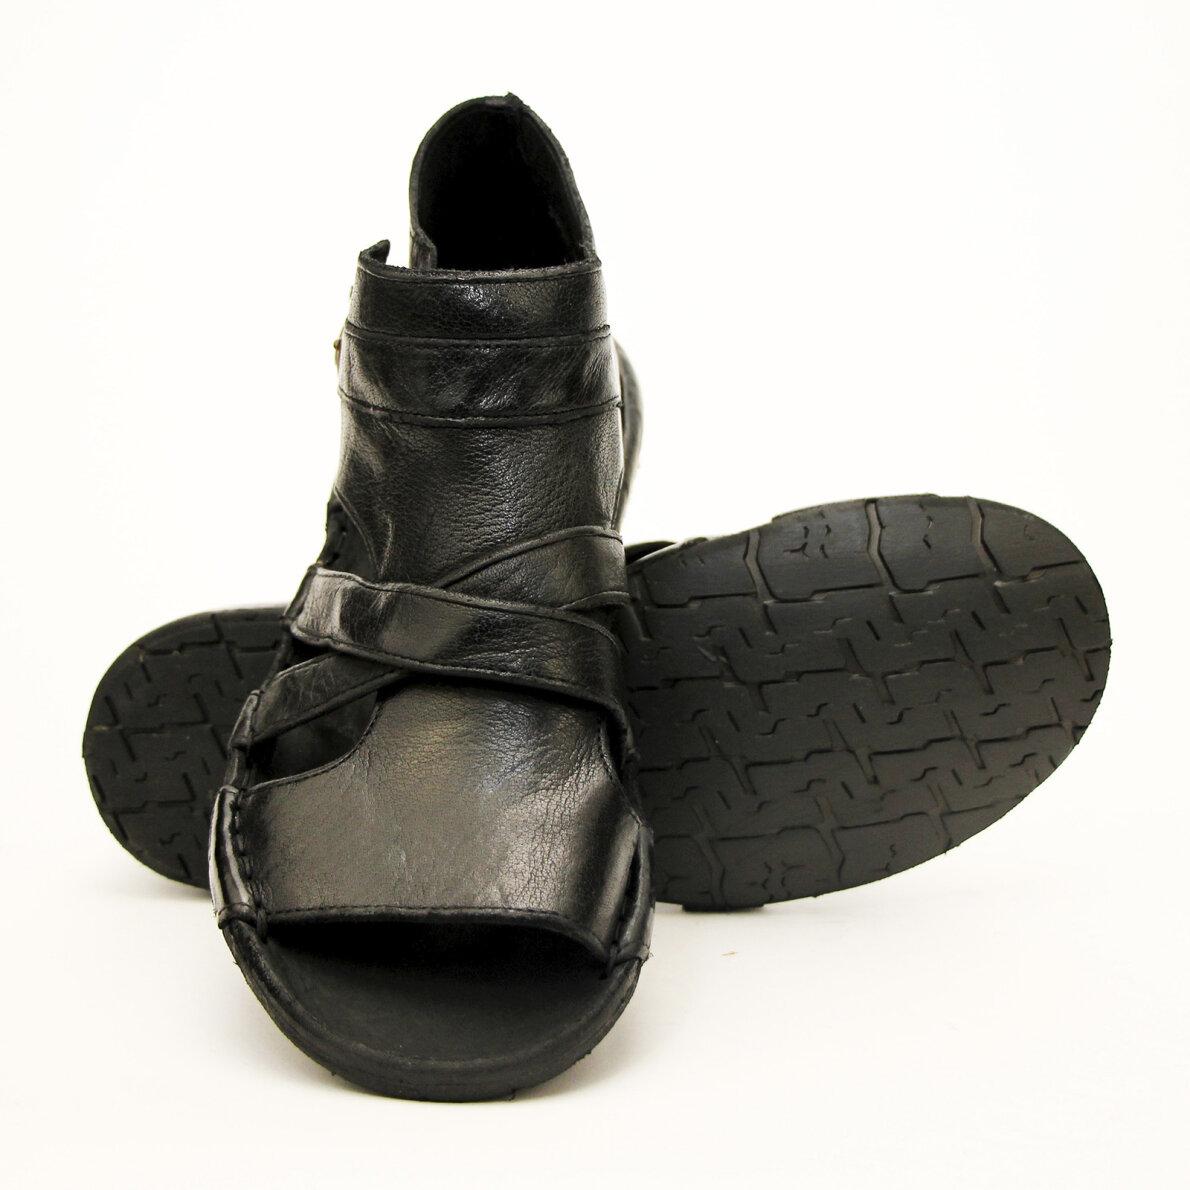 PIEDI Bubetti 3491 sort gladiator sandal i skind Piedi.dk